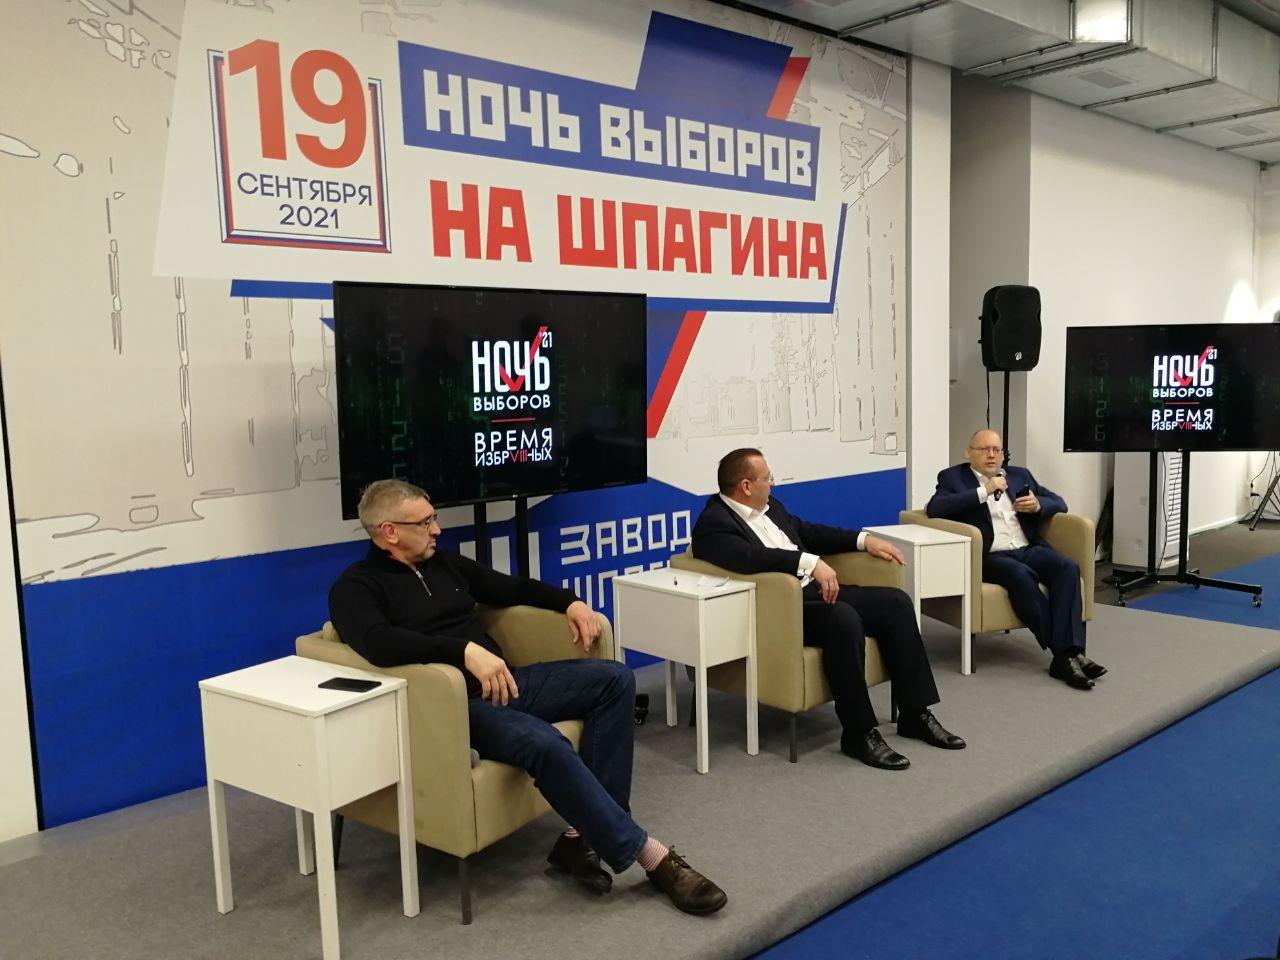 Лидеры и нарушения: первые итоги выборов в Пермском крае